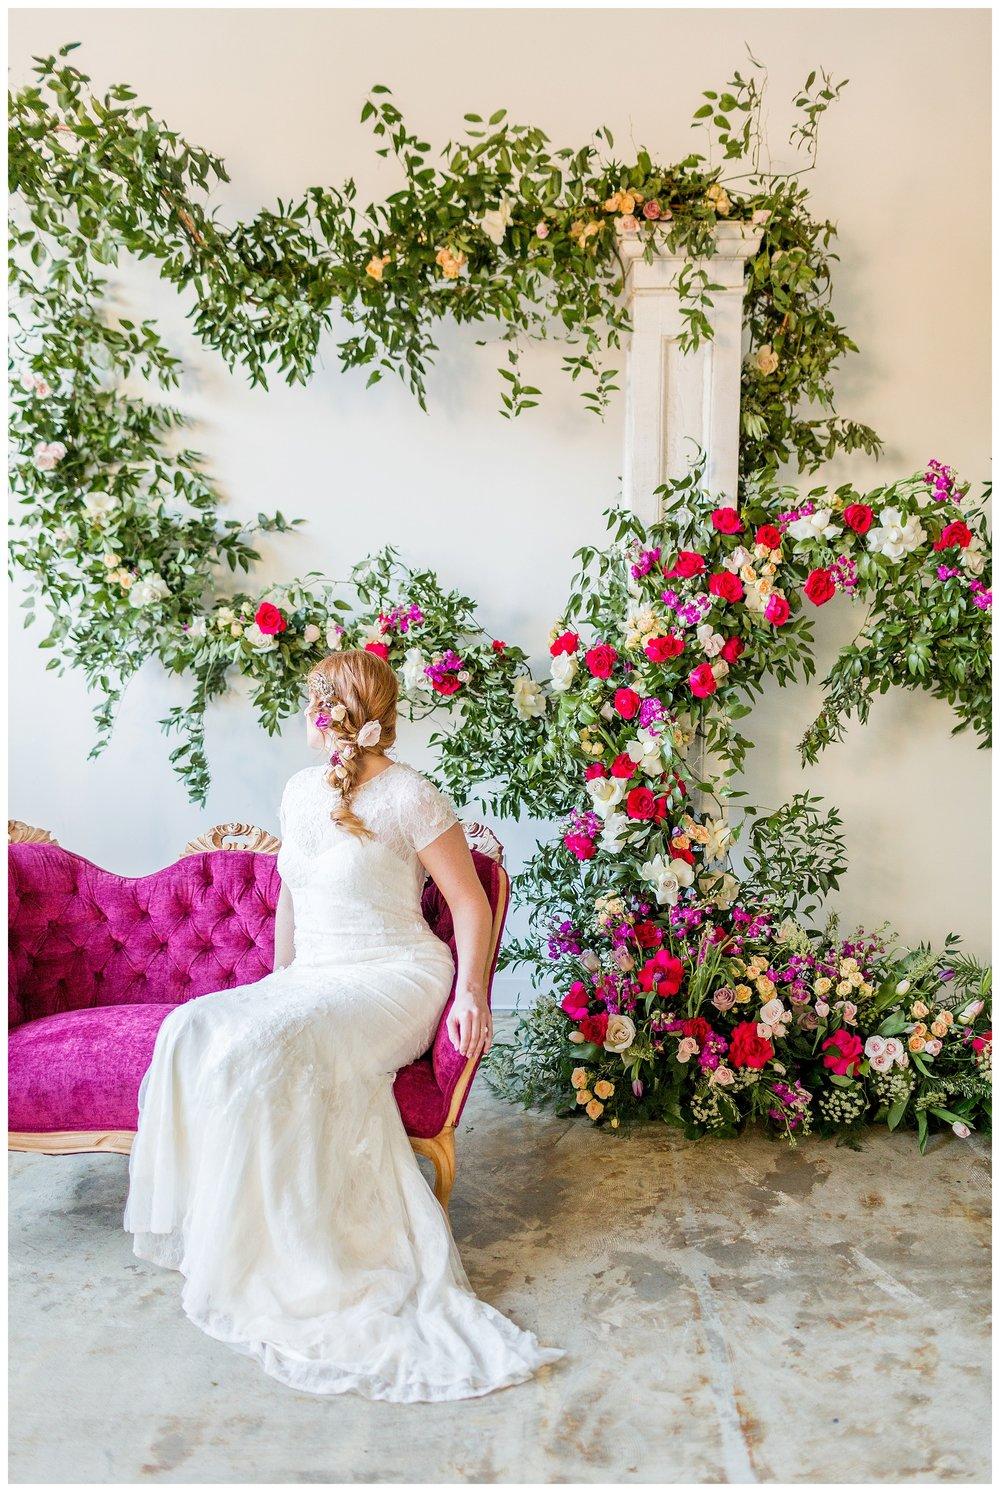 2020_Wedding_Trends_Pantone_0013.jpg